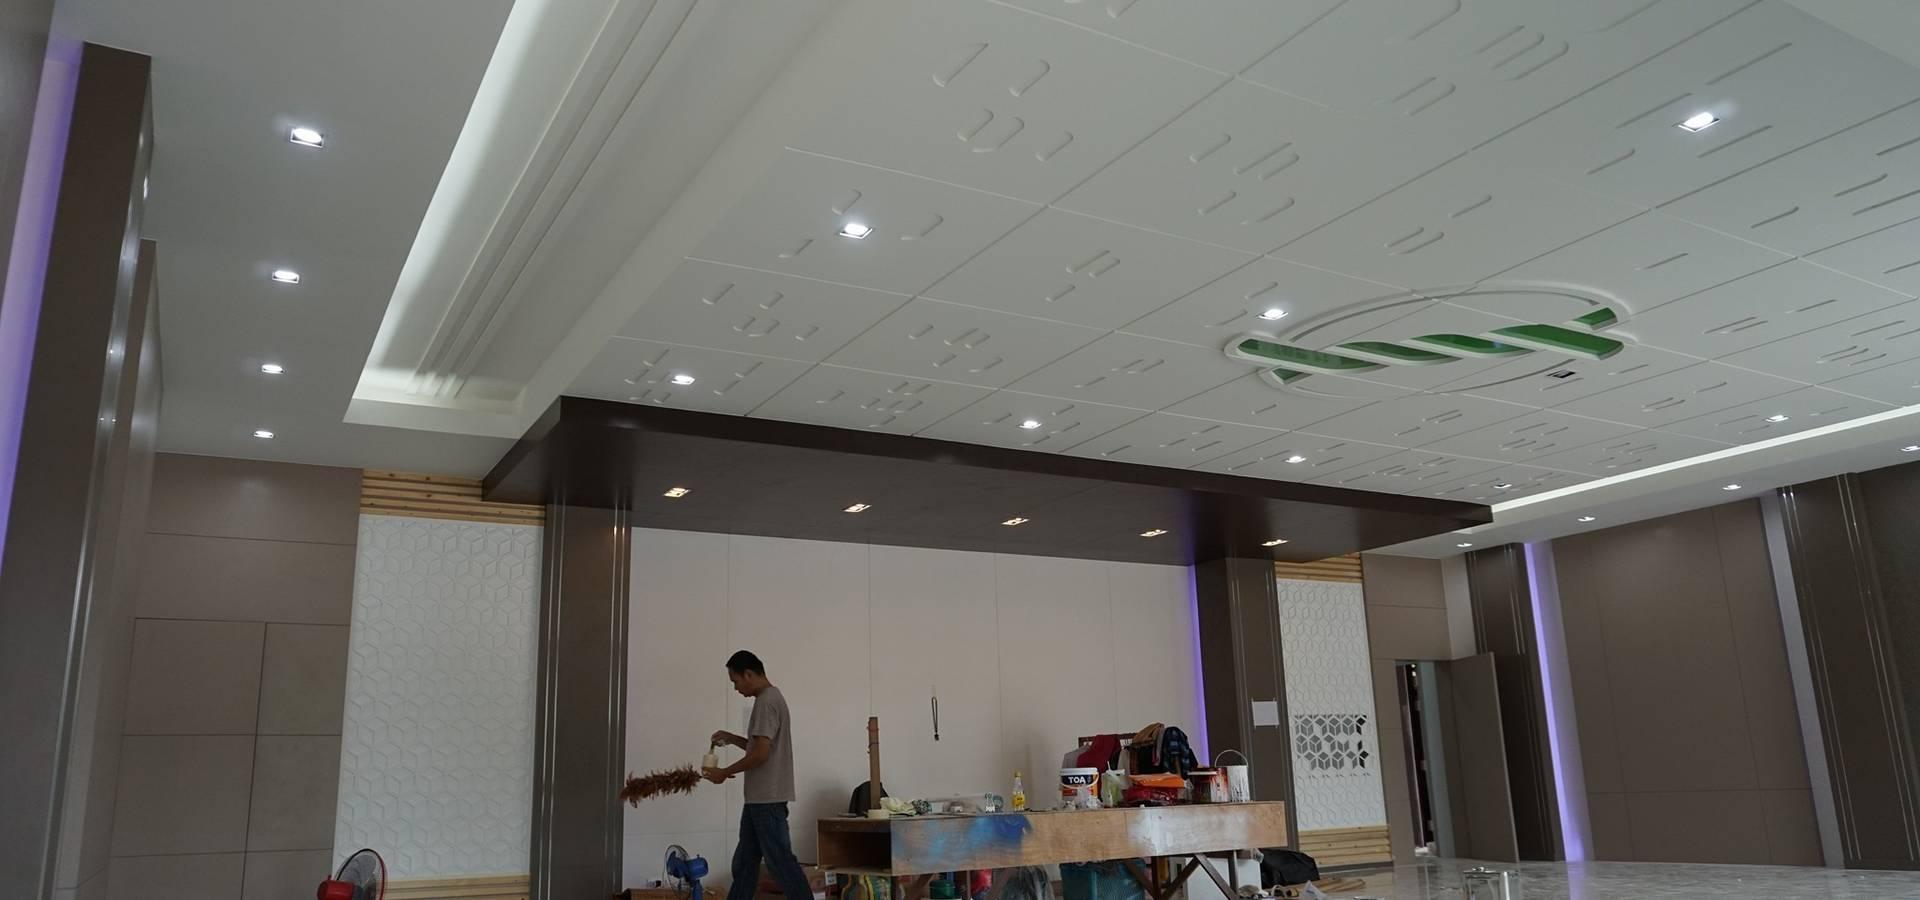 Boonyatat decor